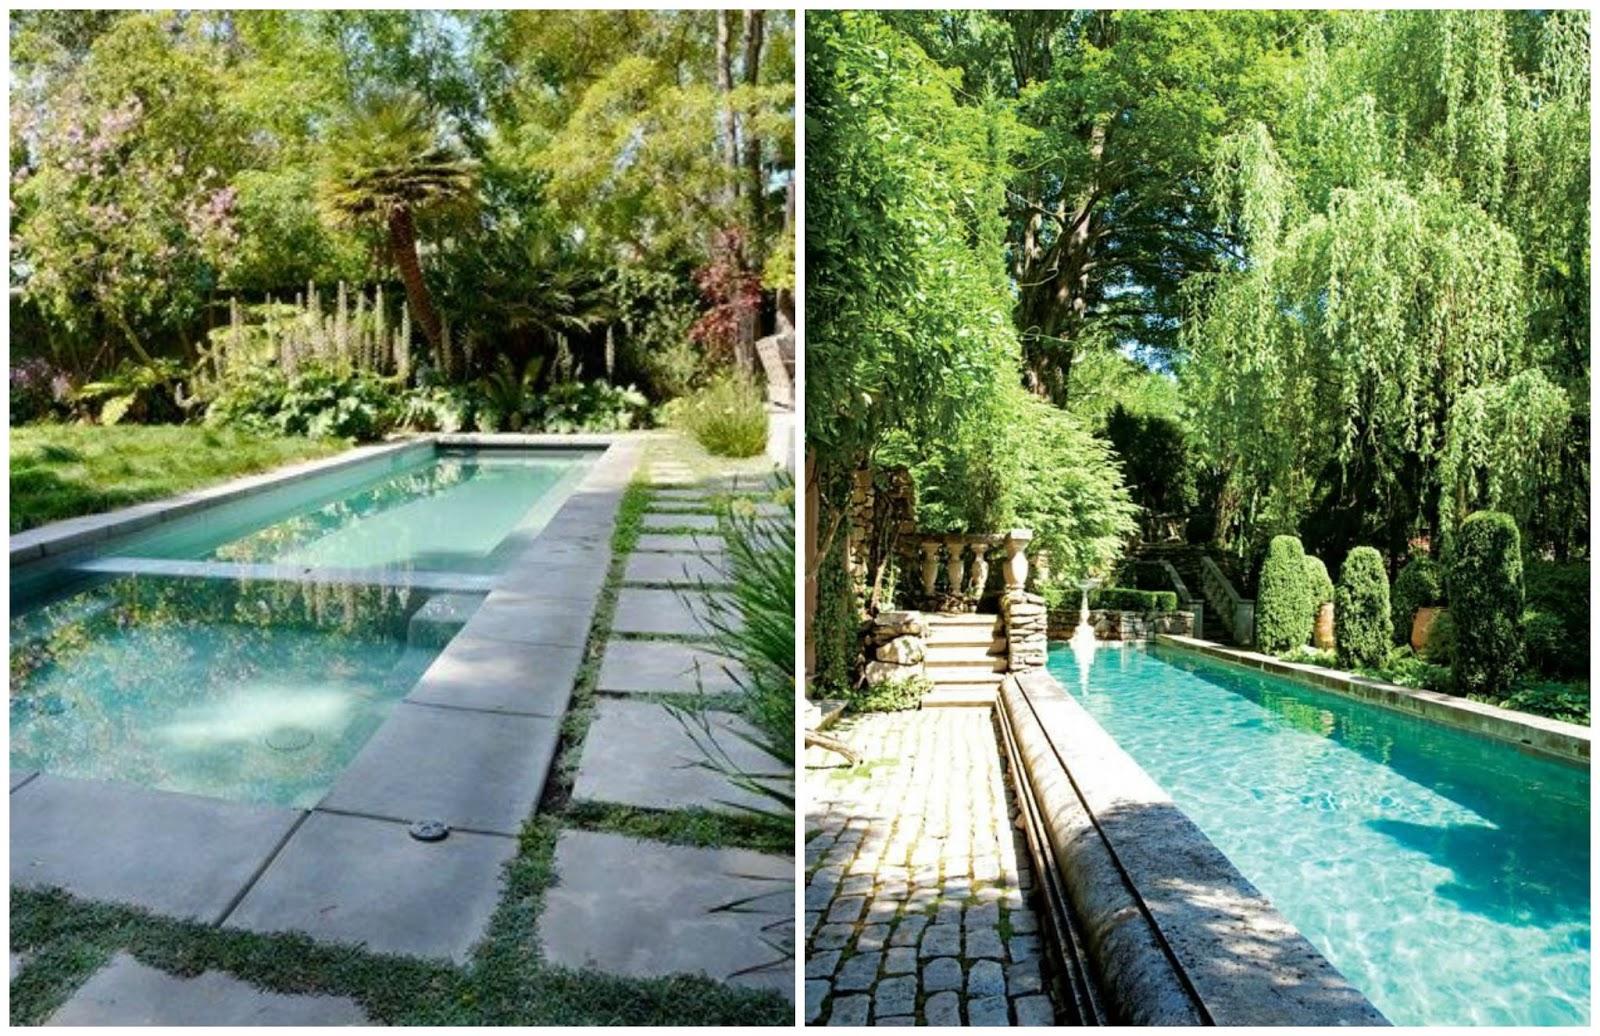 100 tonos de verde buscando inspiracion piscinas perfectas Piscinas alargadas y estrechas